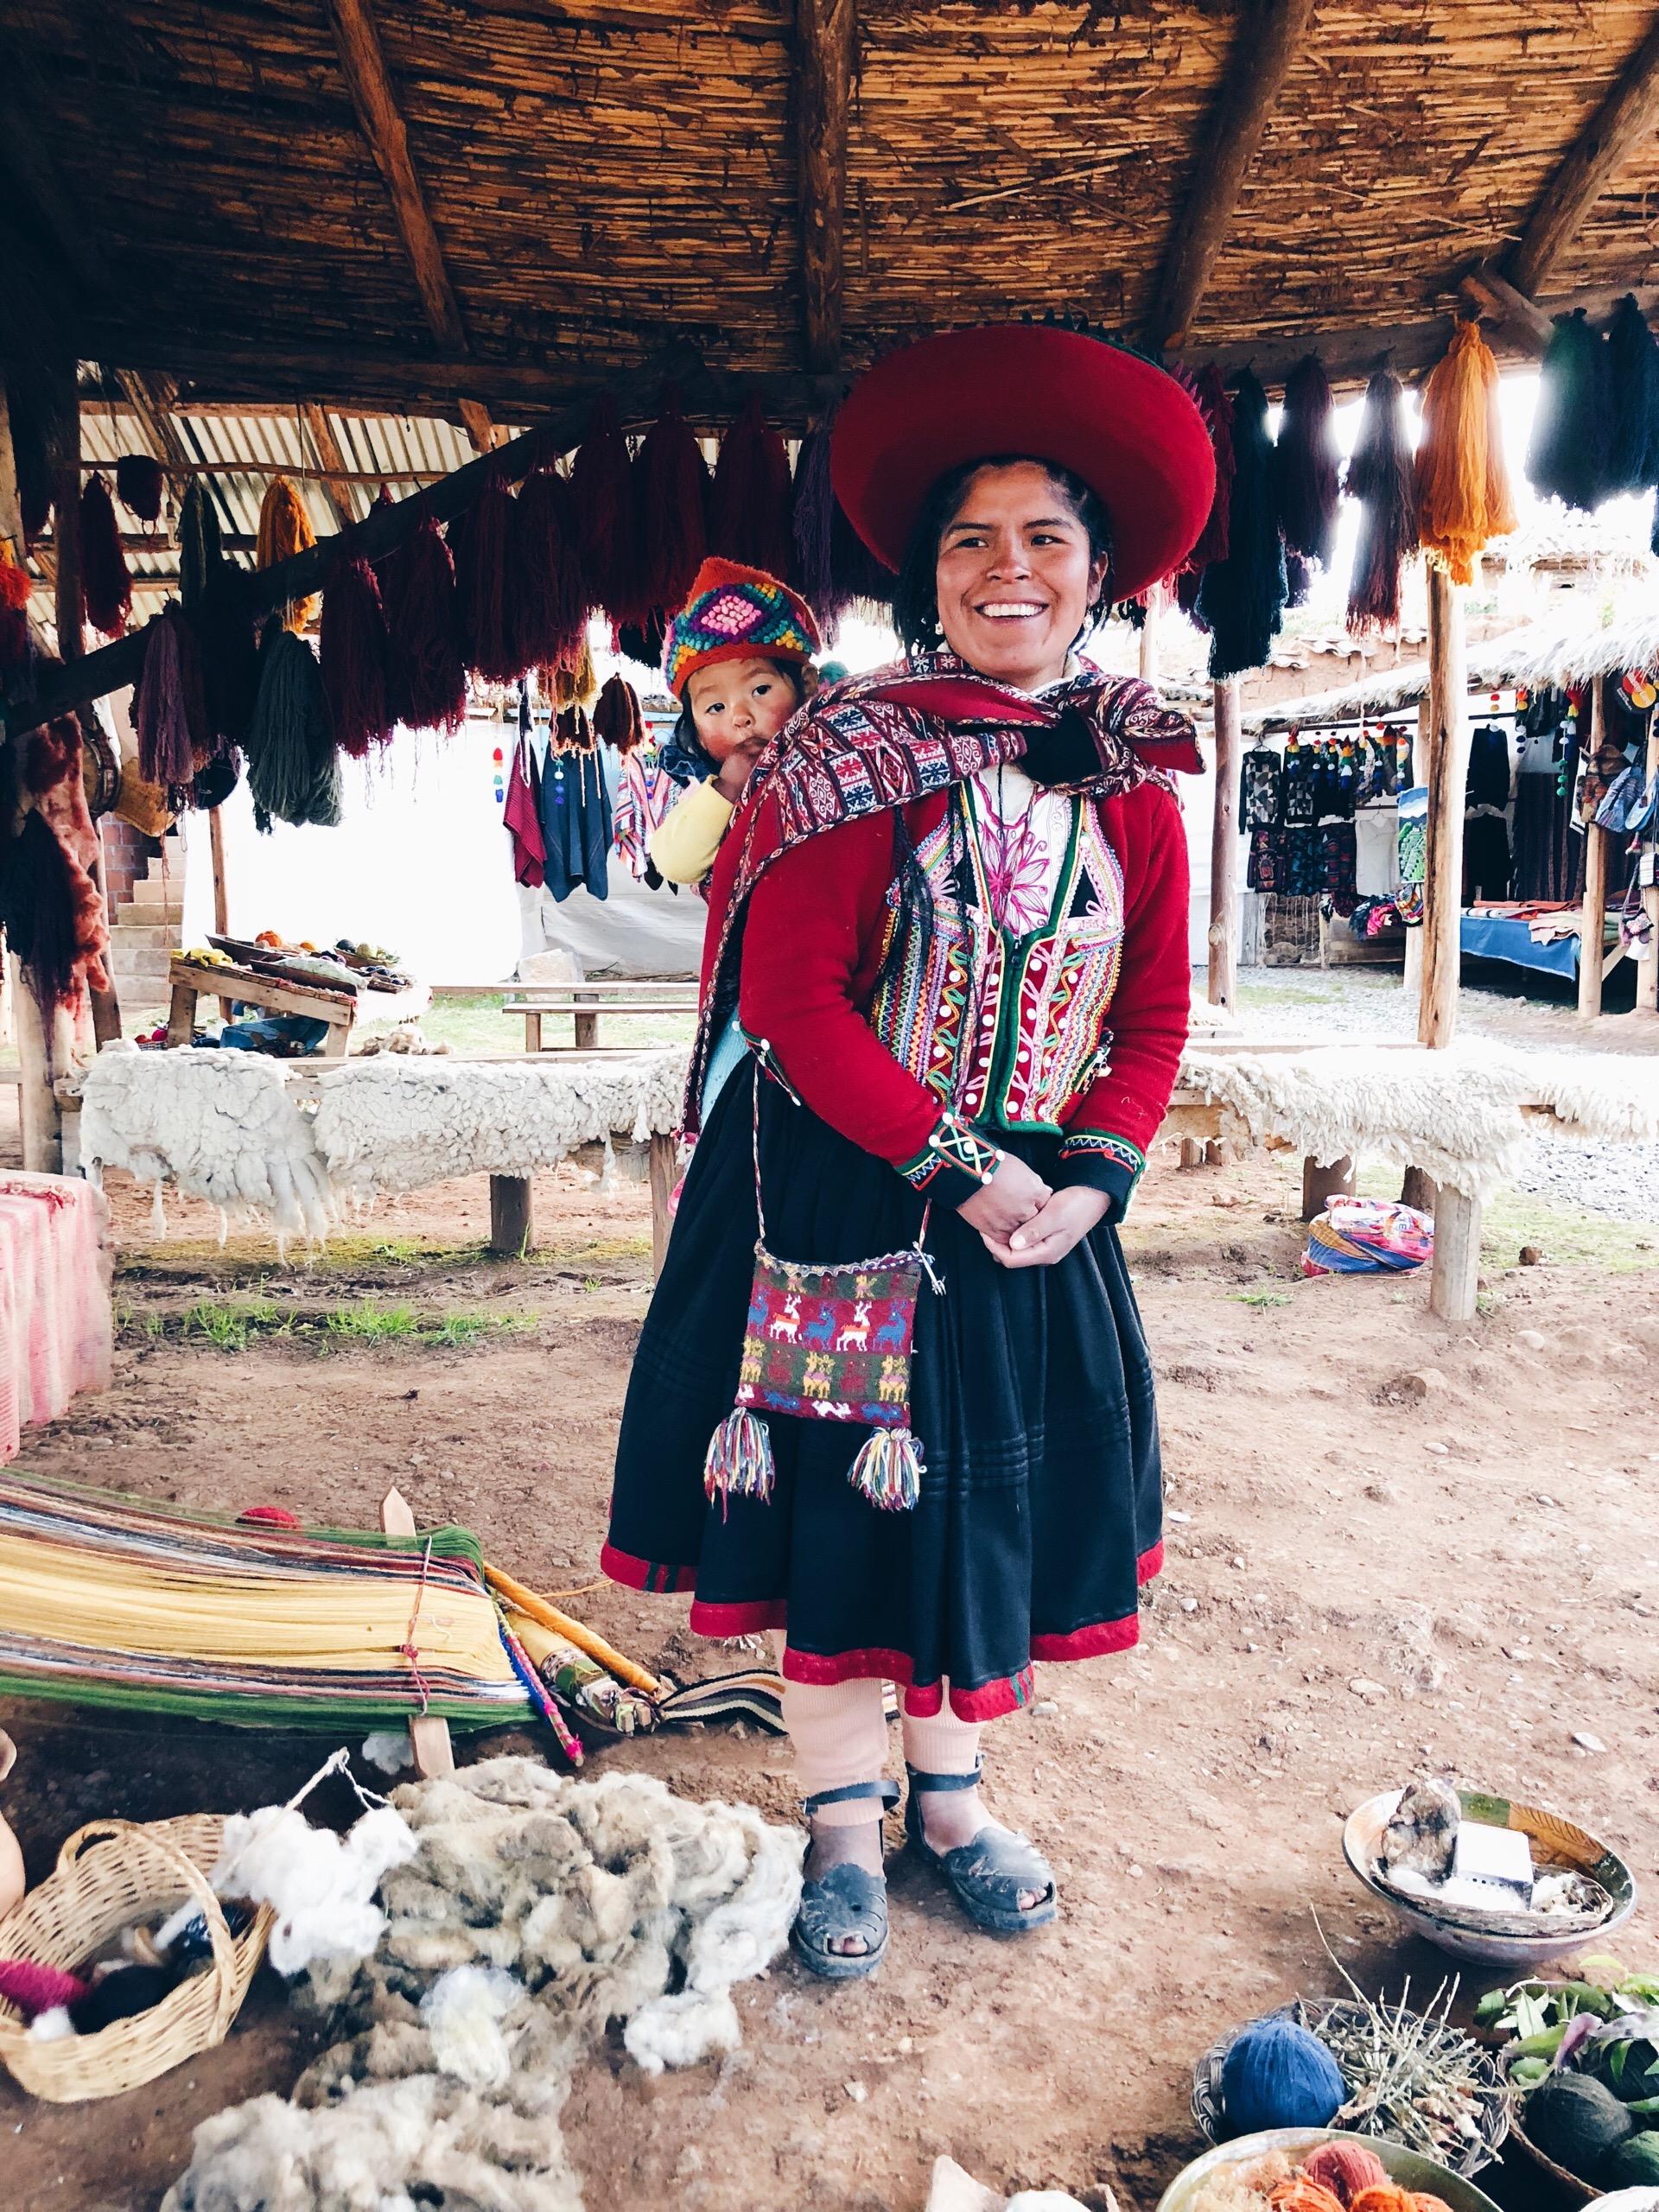 7 Day Peru Itinerary